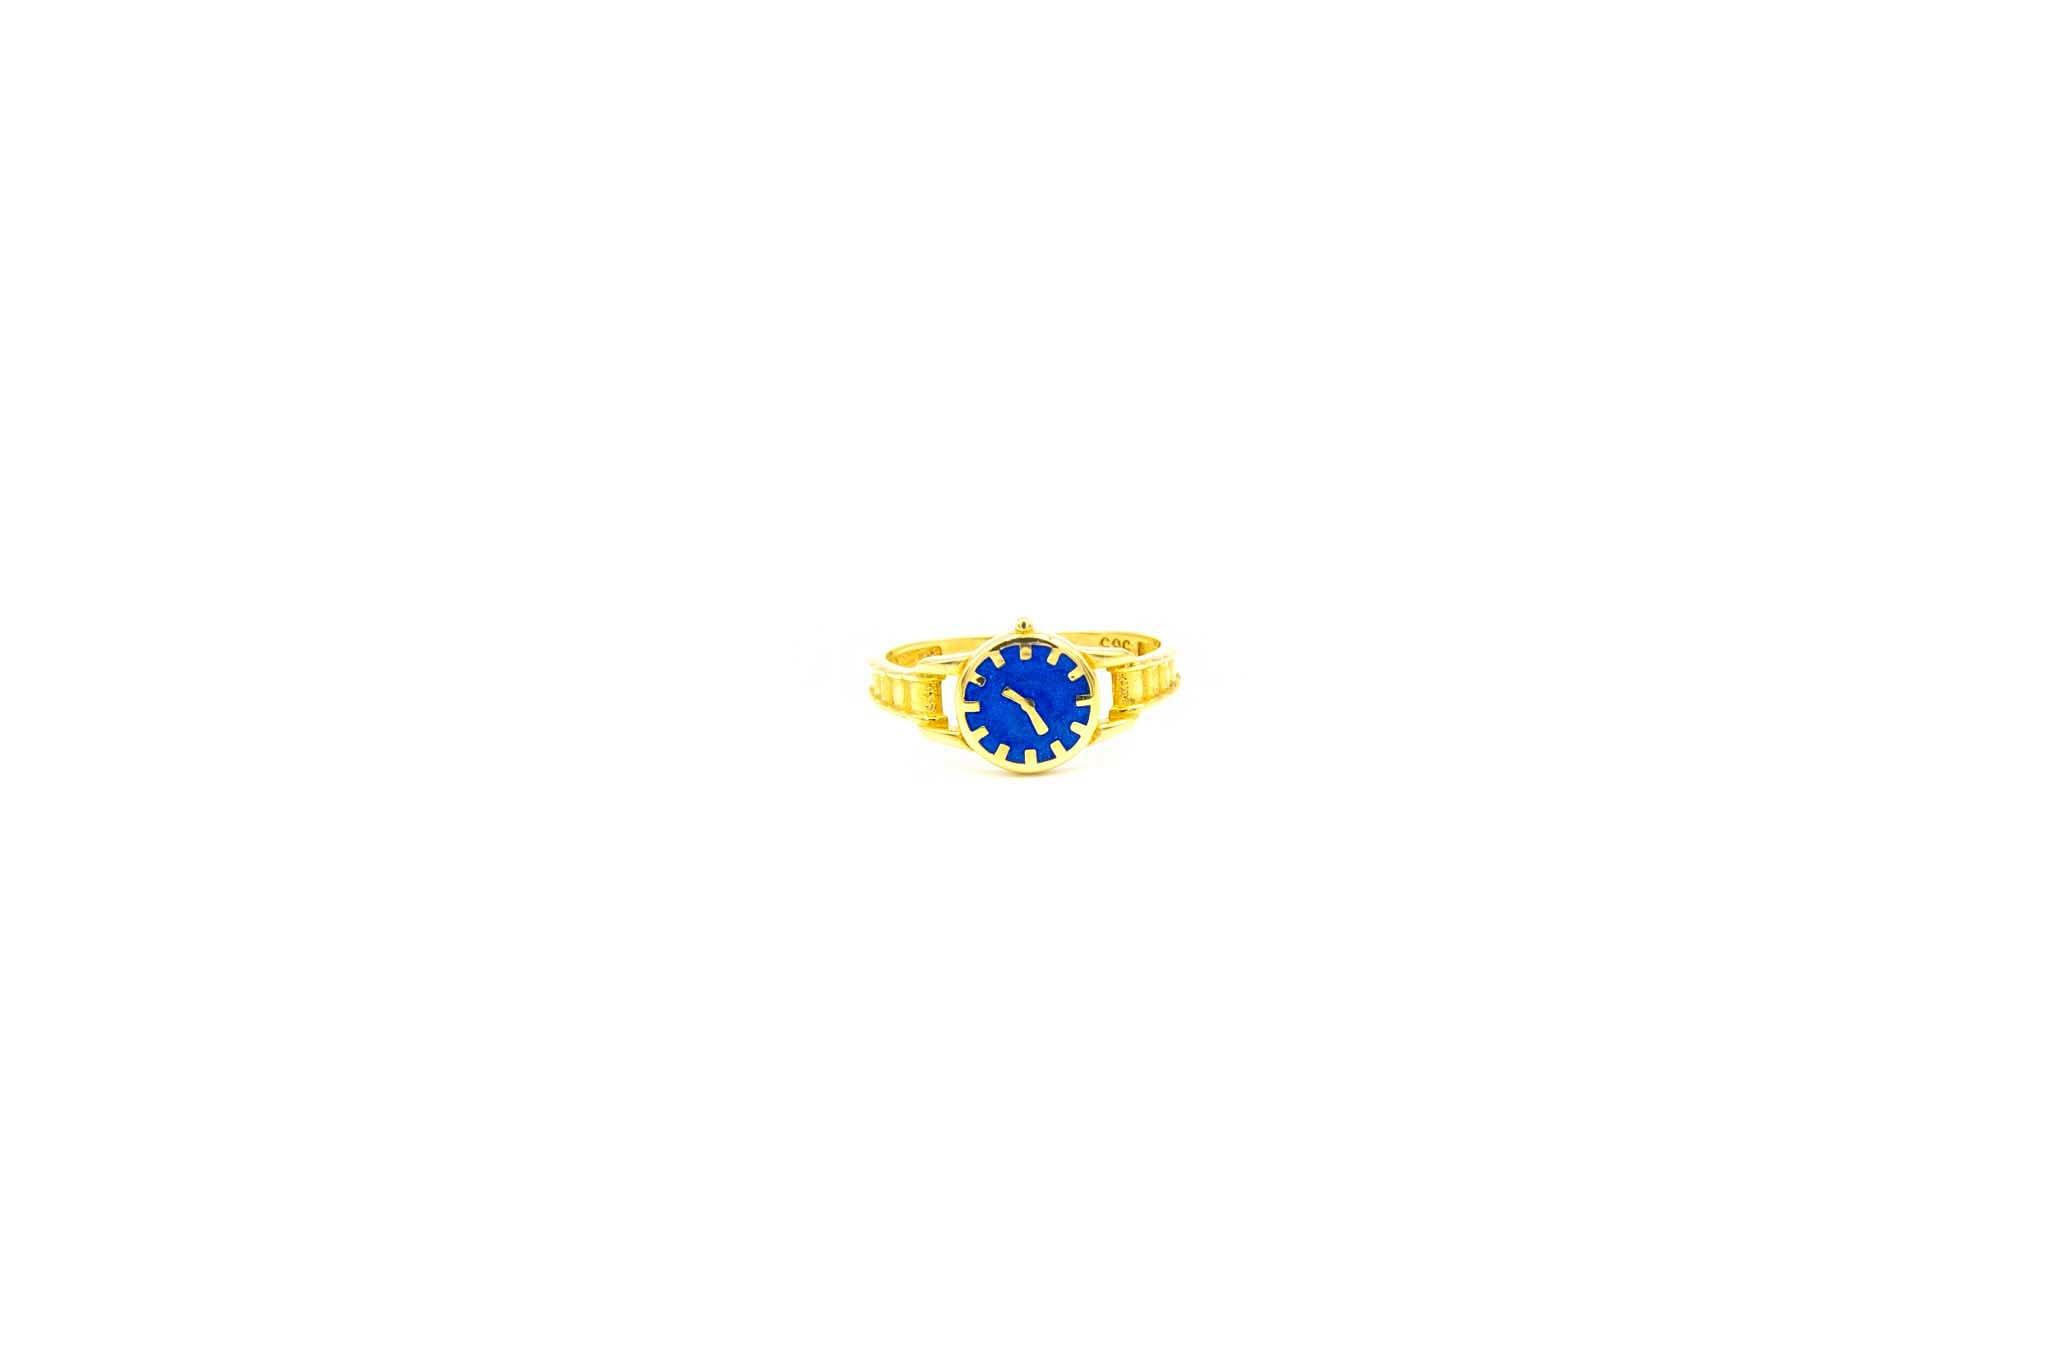 Ring horloge met gekleurde wijzerplaat-6